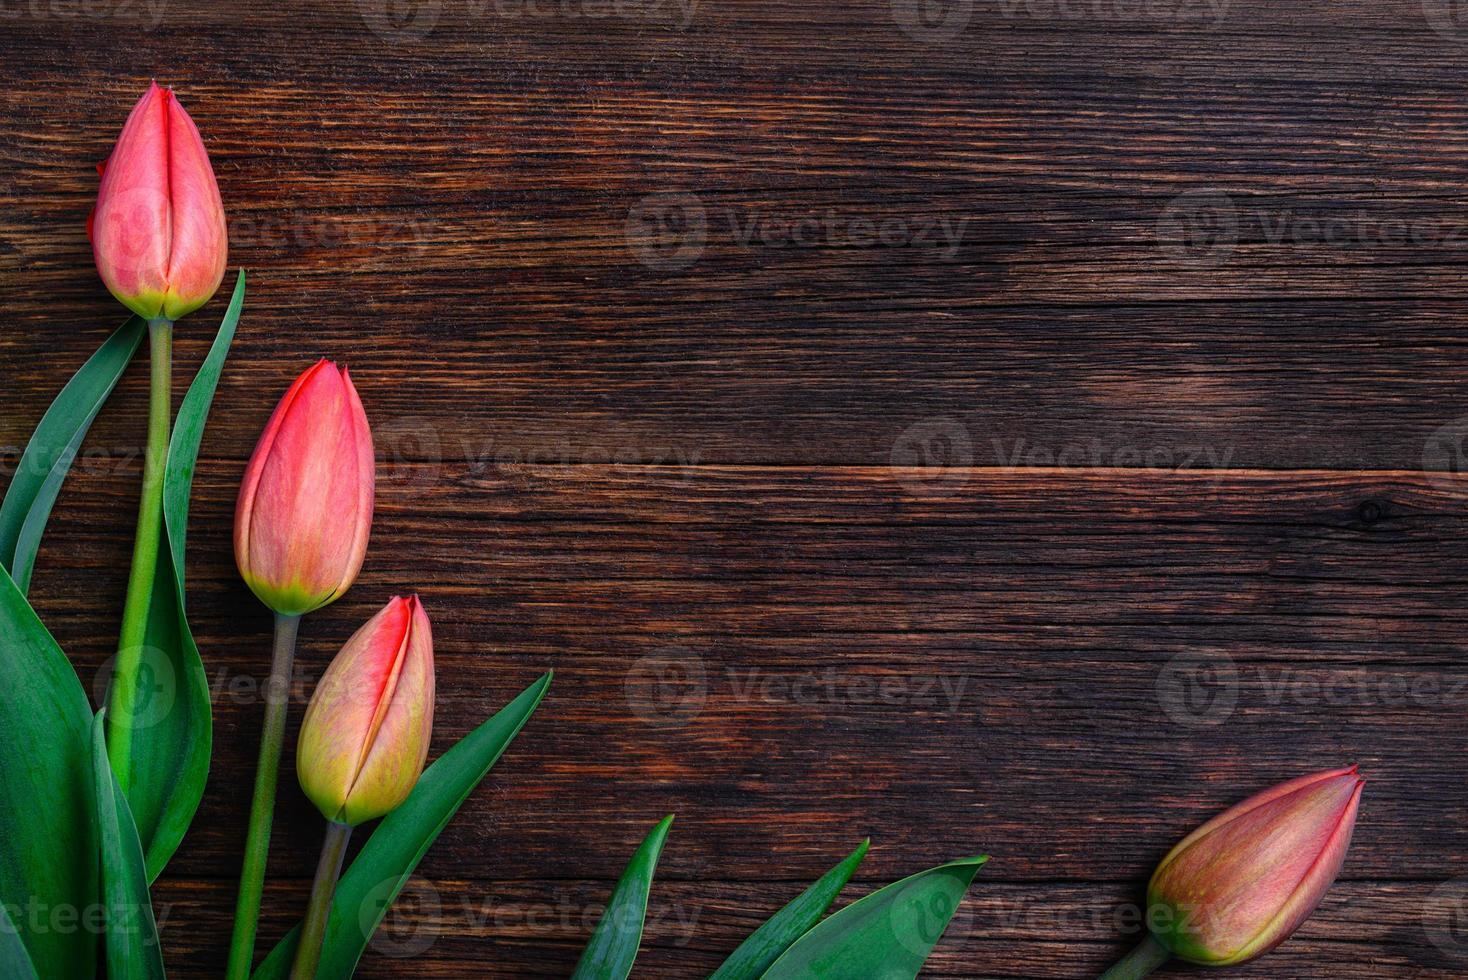 tulipas vermelhas flores na mesa de madeira. vista superior, copie o espaço. foto